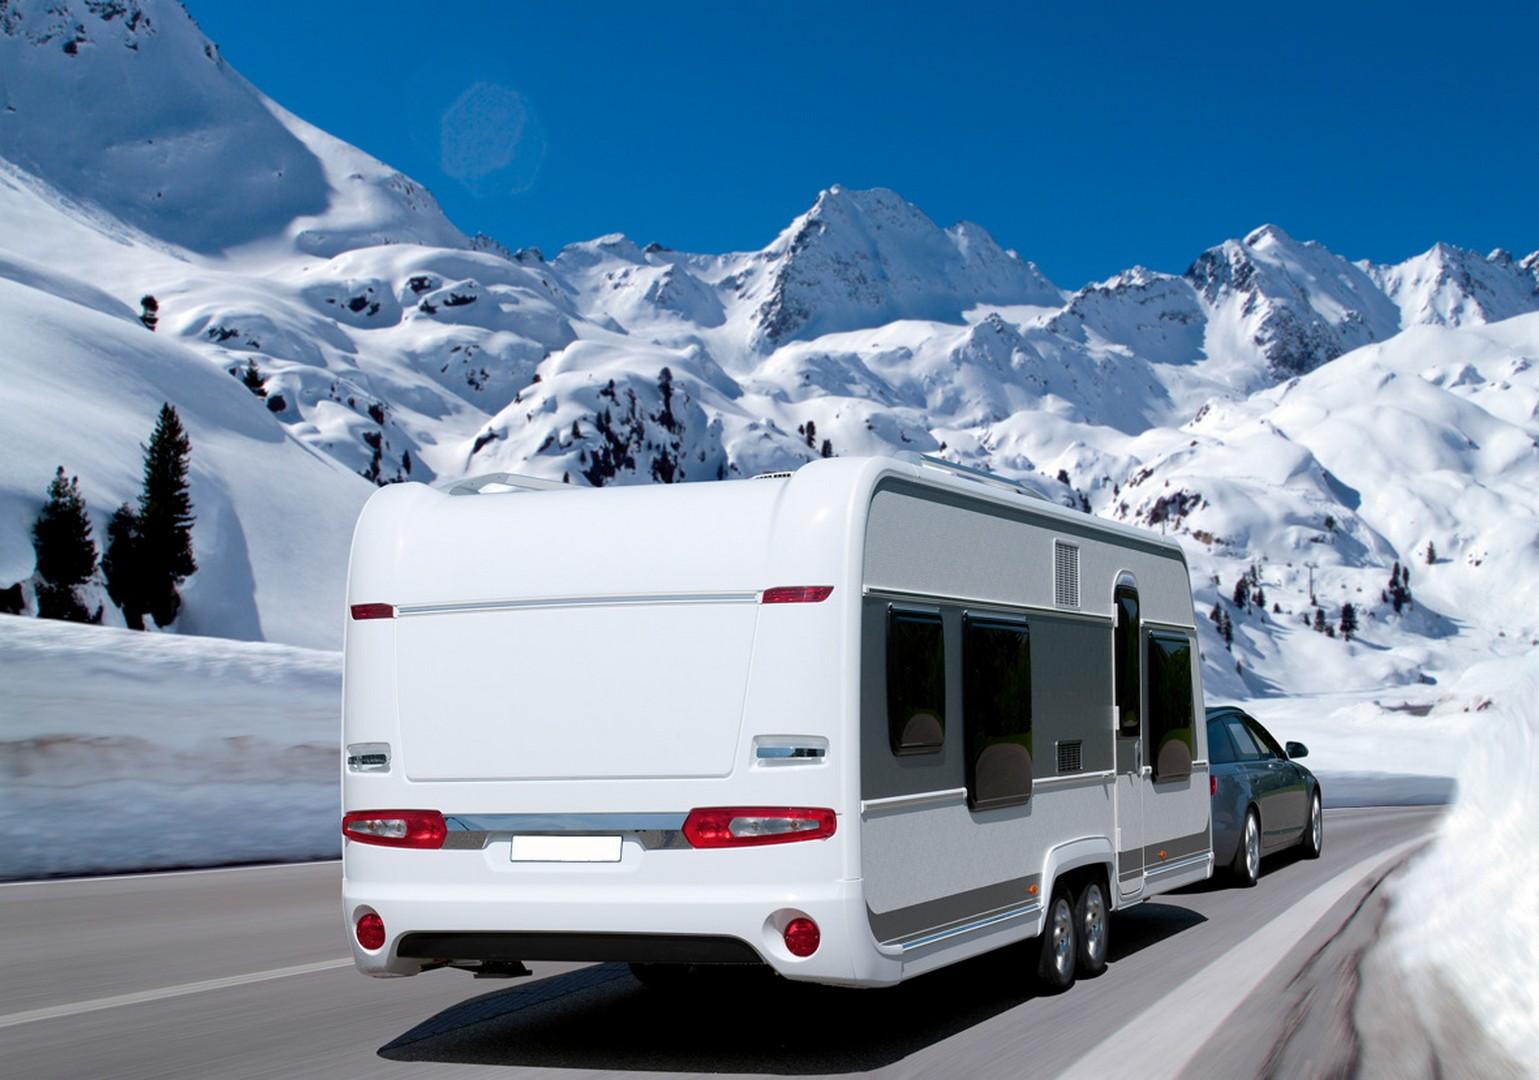 Consejos para disfrutar del invierno en caravana y autocaravana